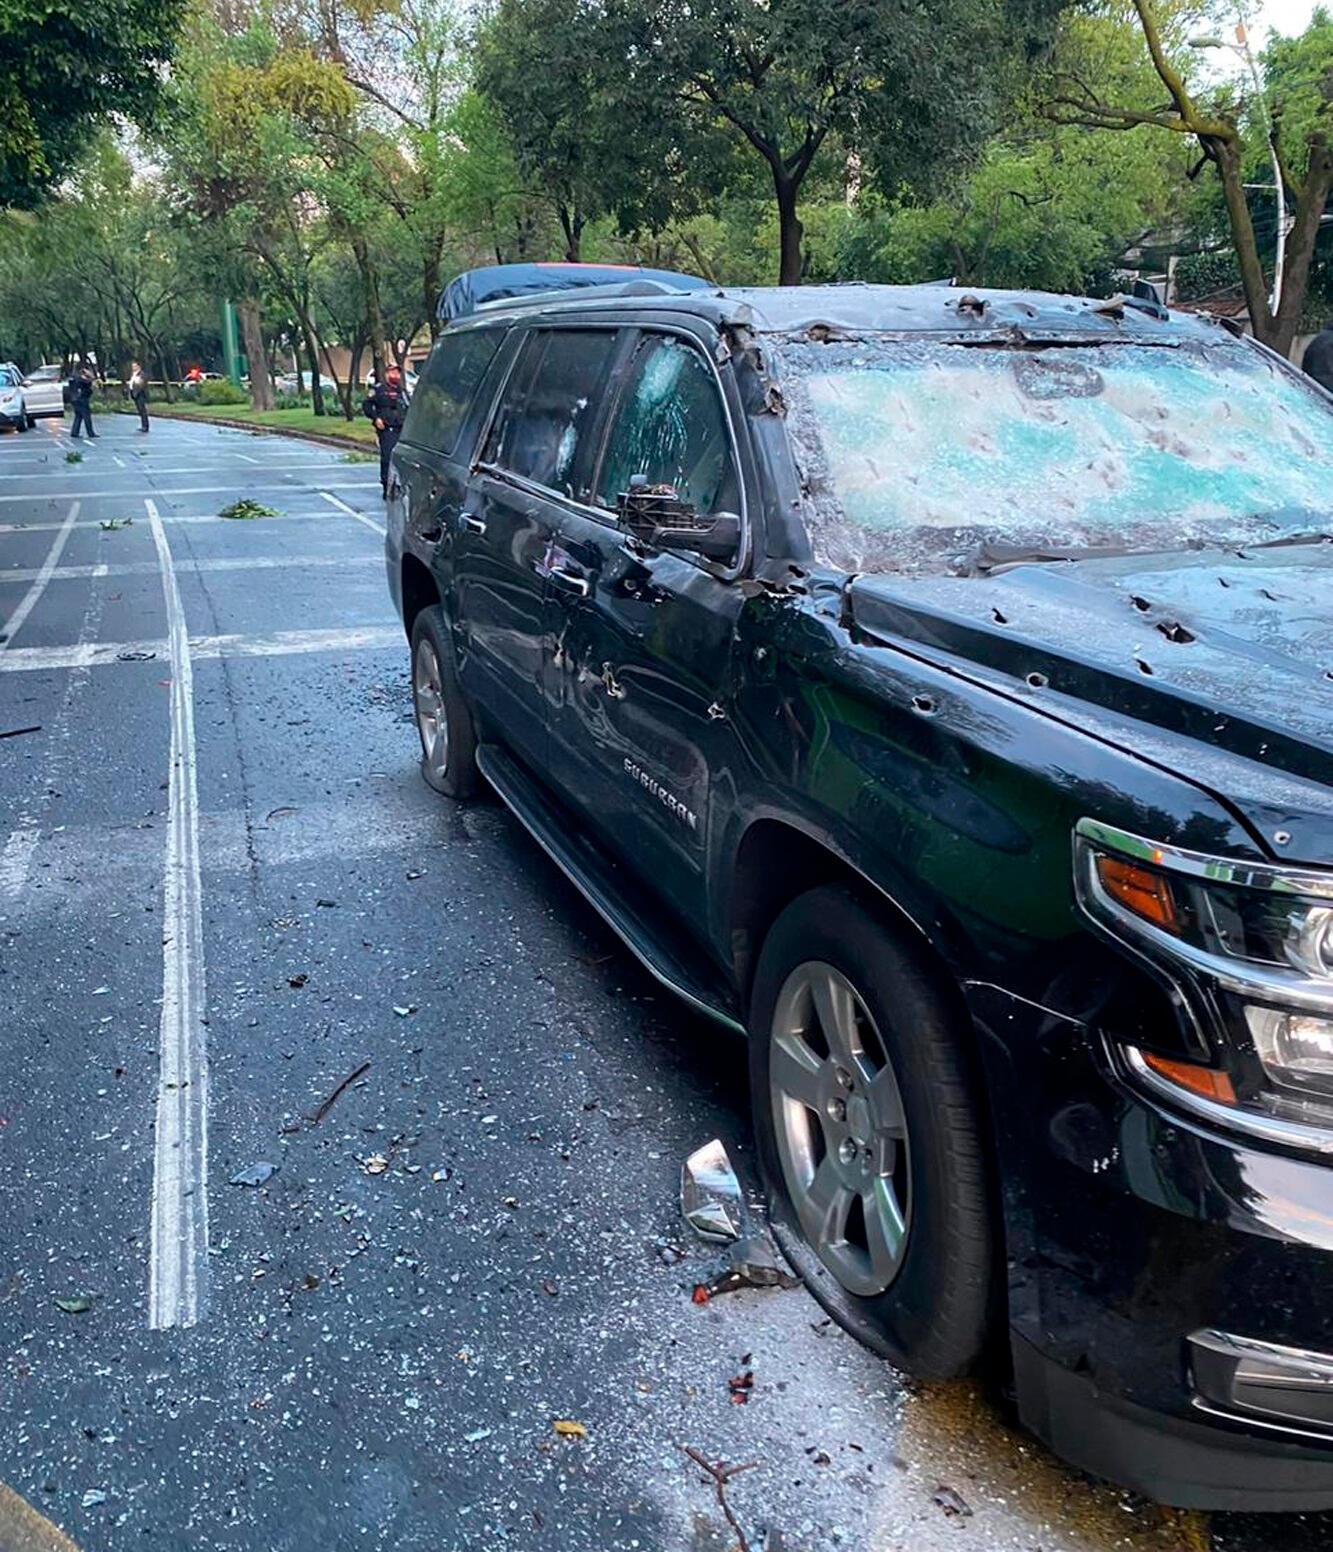 Fotografía cedida este viernes, por la Fiscalía de Ciudad de México que muestra una vista del coche y el lugar donde se atentó contra el jefe de Seguridad de la Ciudad de México, Omar García Harfuch, en Ciudad de México (México).